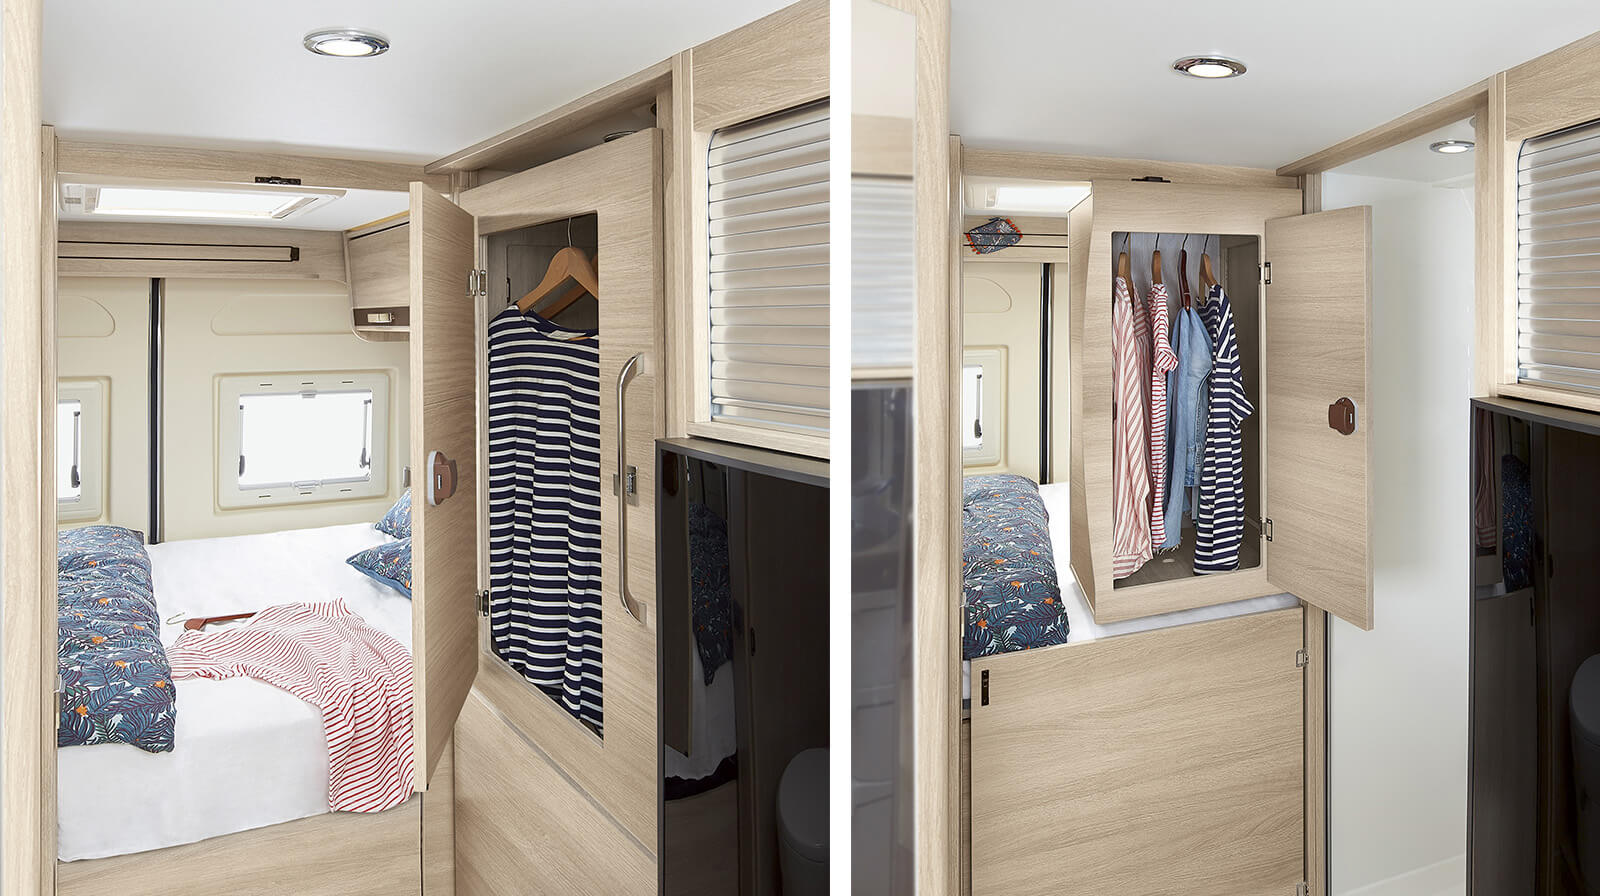 le mod le v55 est un van rapido am nag compact et. Black Bedroom Furniture Sets. Home Design Ideas